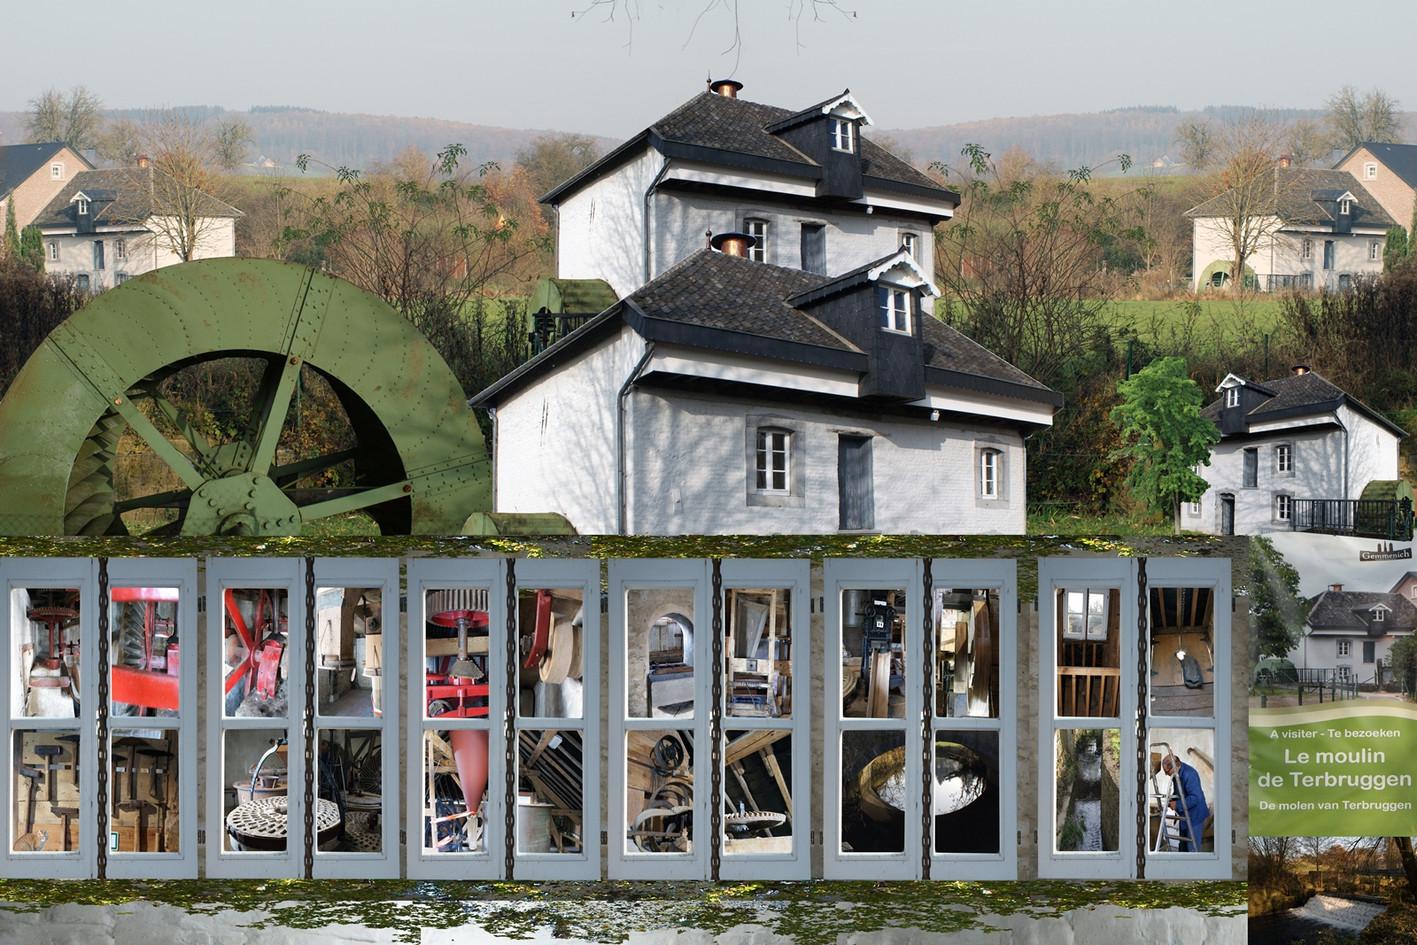 Moulin Terbruggen.jpg